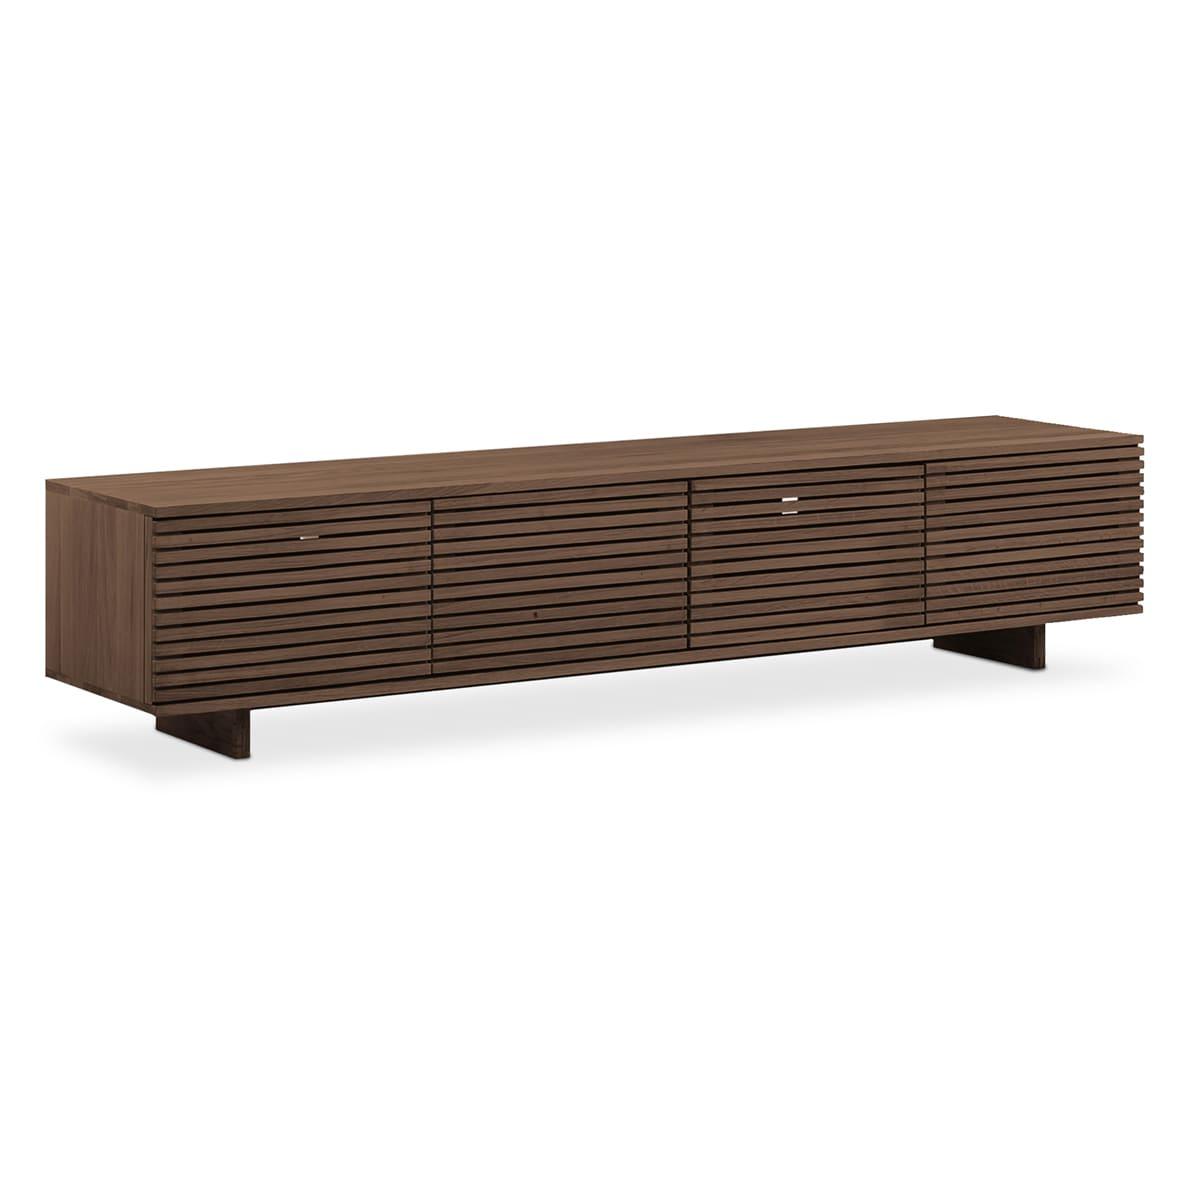 Linear Entertainment Unit 210cm - Walnut